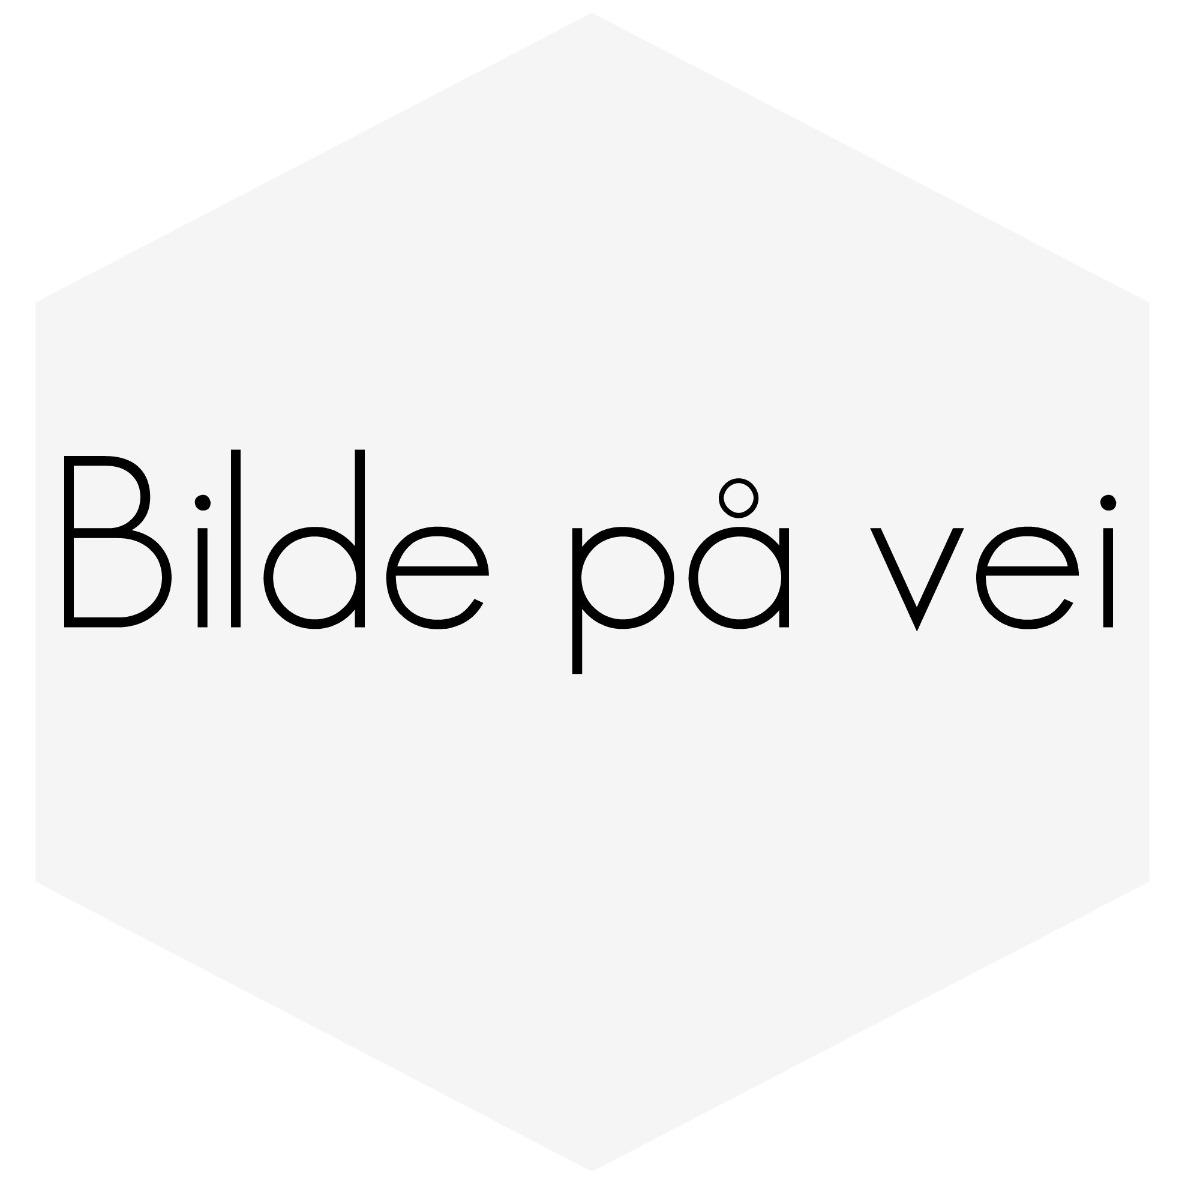 DIODER I HOVEDLAMPER 850 STYLING KLARGLASS pris pr side